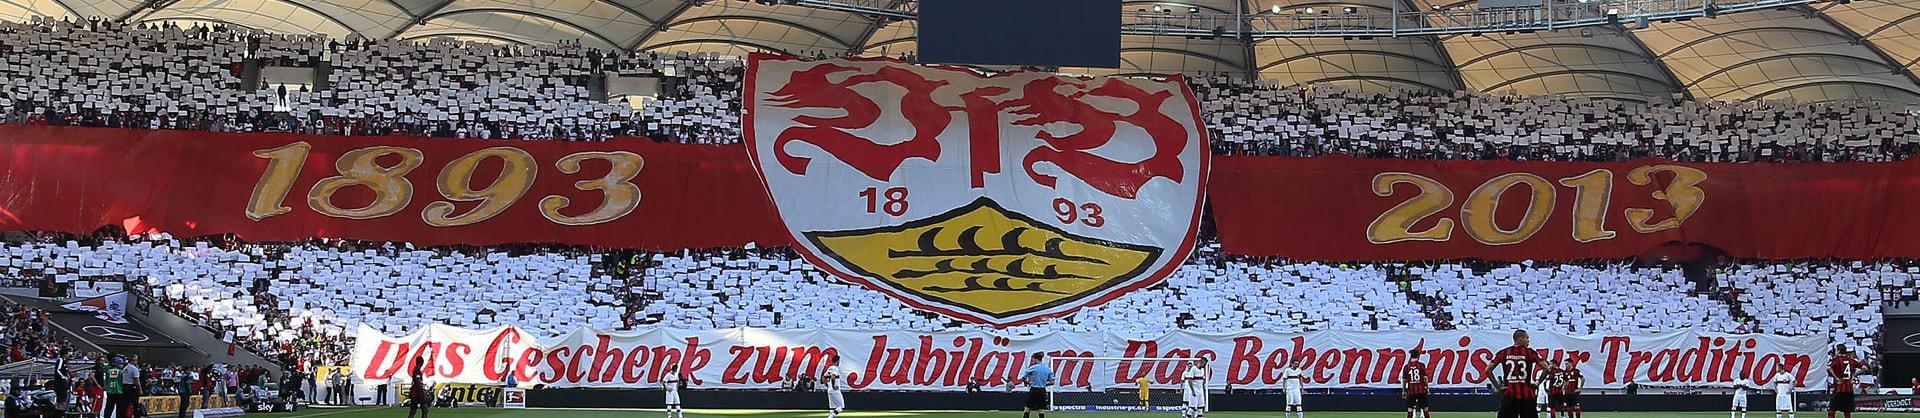 Legendärer Fanmarsch des VfB Stuttgart: die traditionelle Karawane Cannstatt